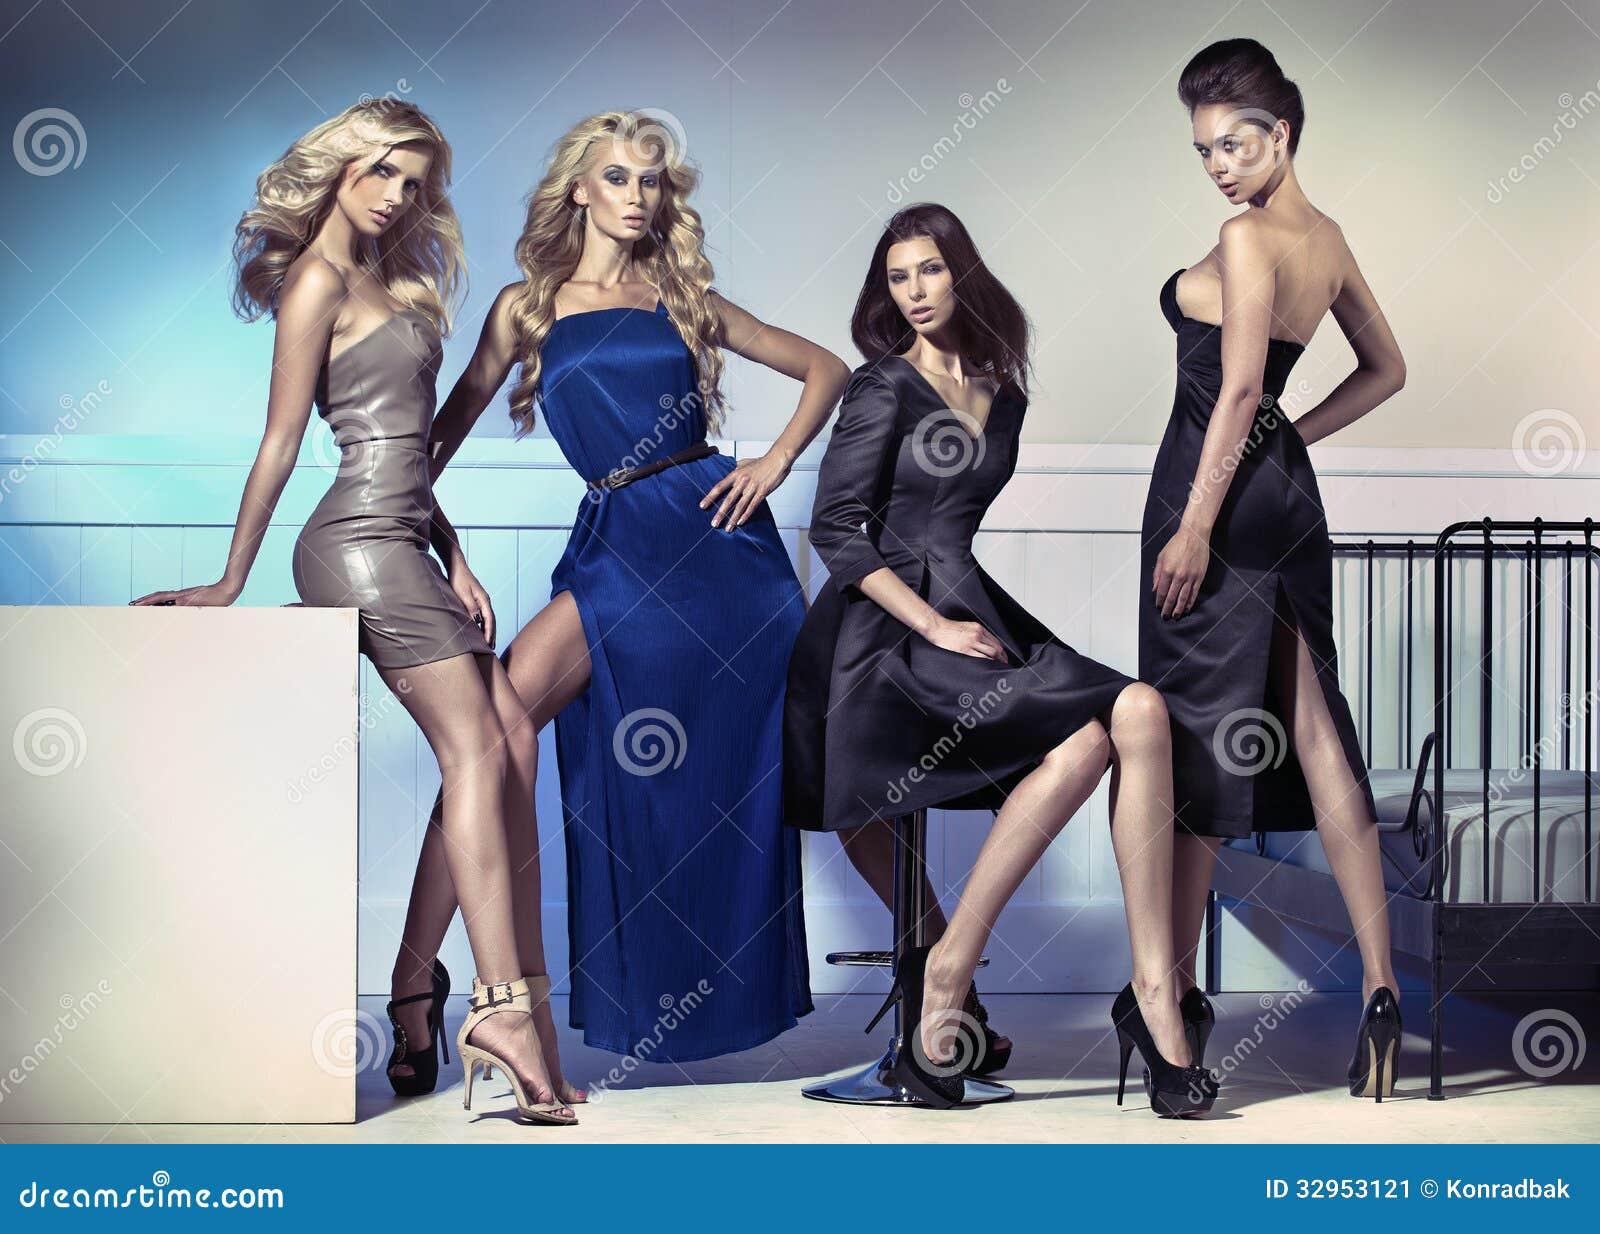 Imagen de la moda de cuatro modelos femeninos atractivos